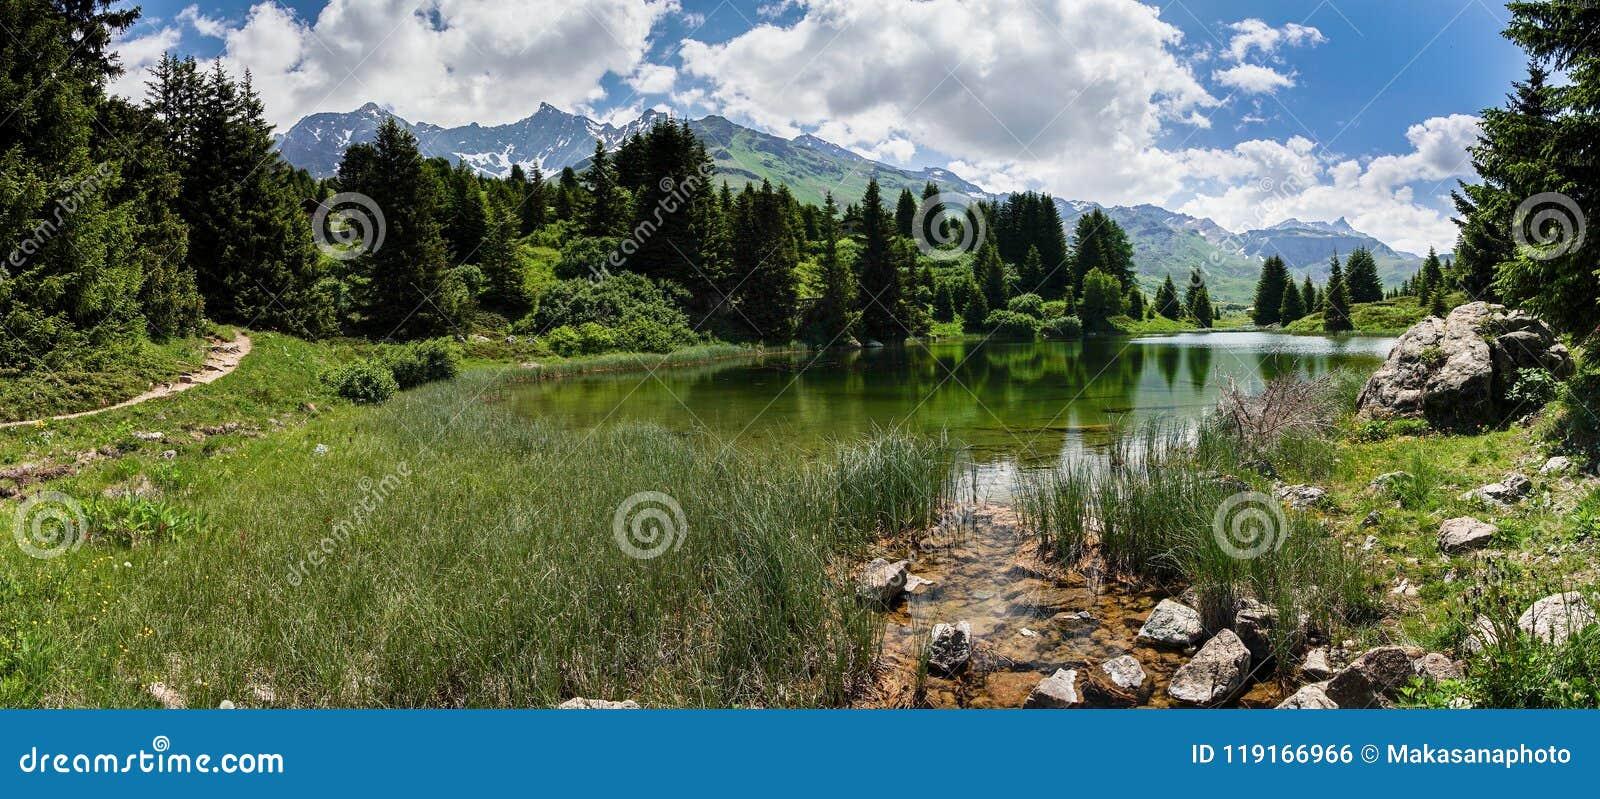 田园诗山湖风景在瑞士阿尔卑斯临近阿尔卑斯弗利克斯